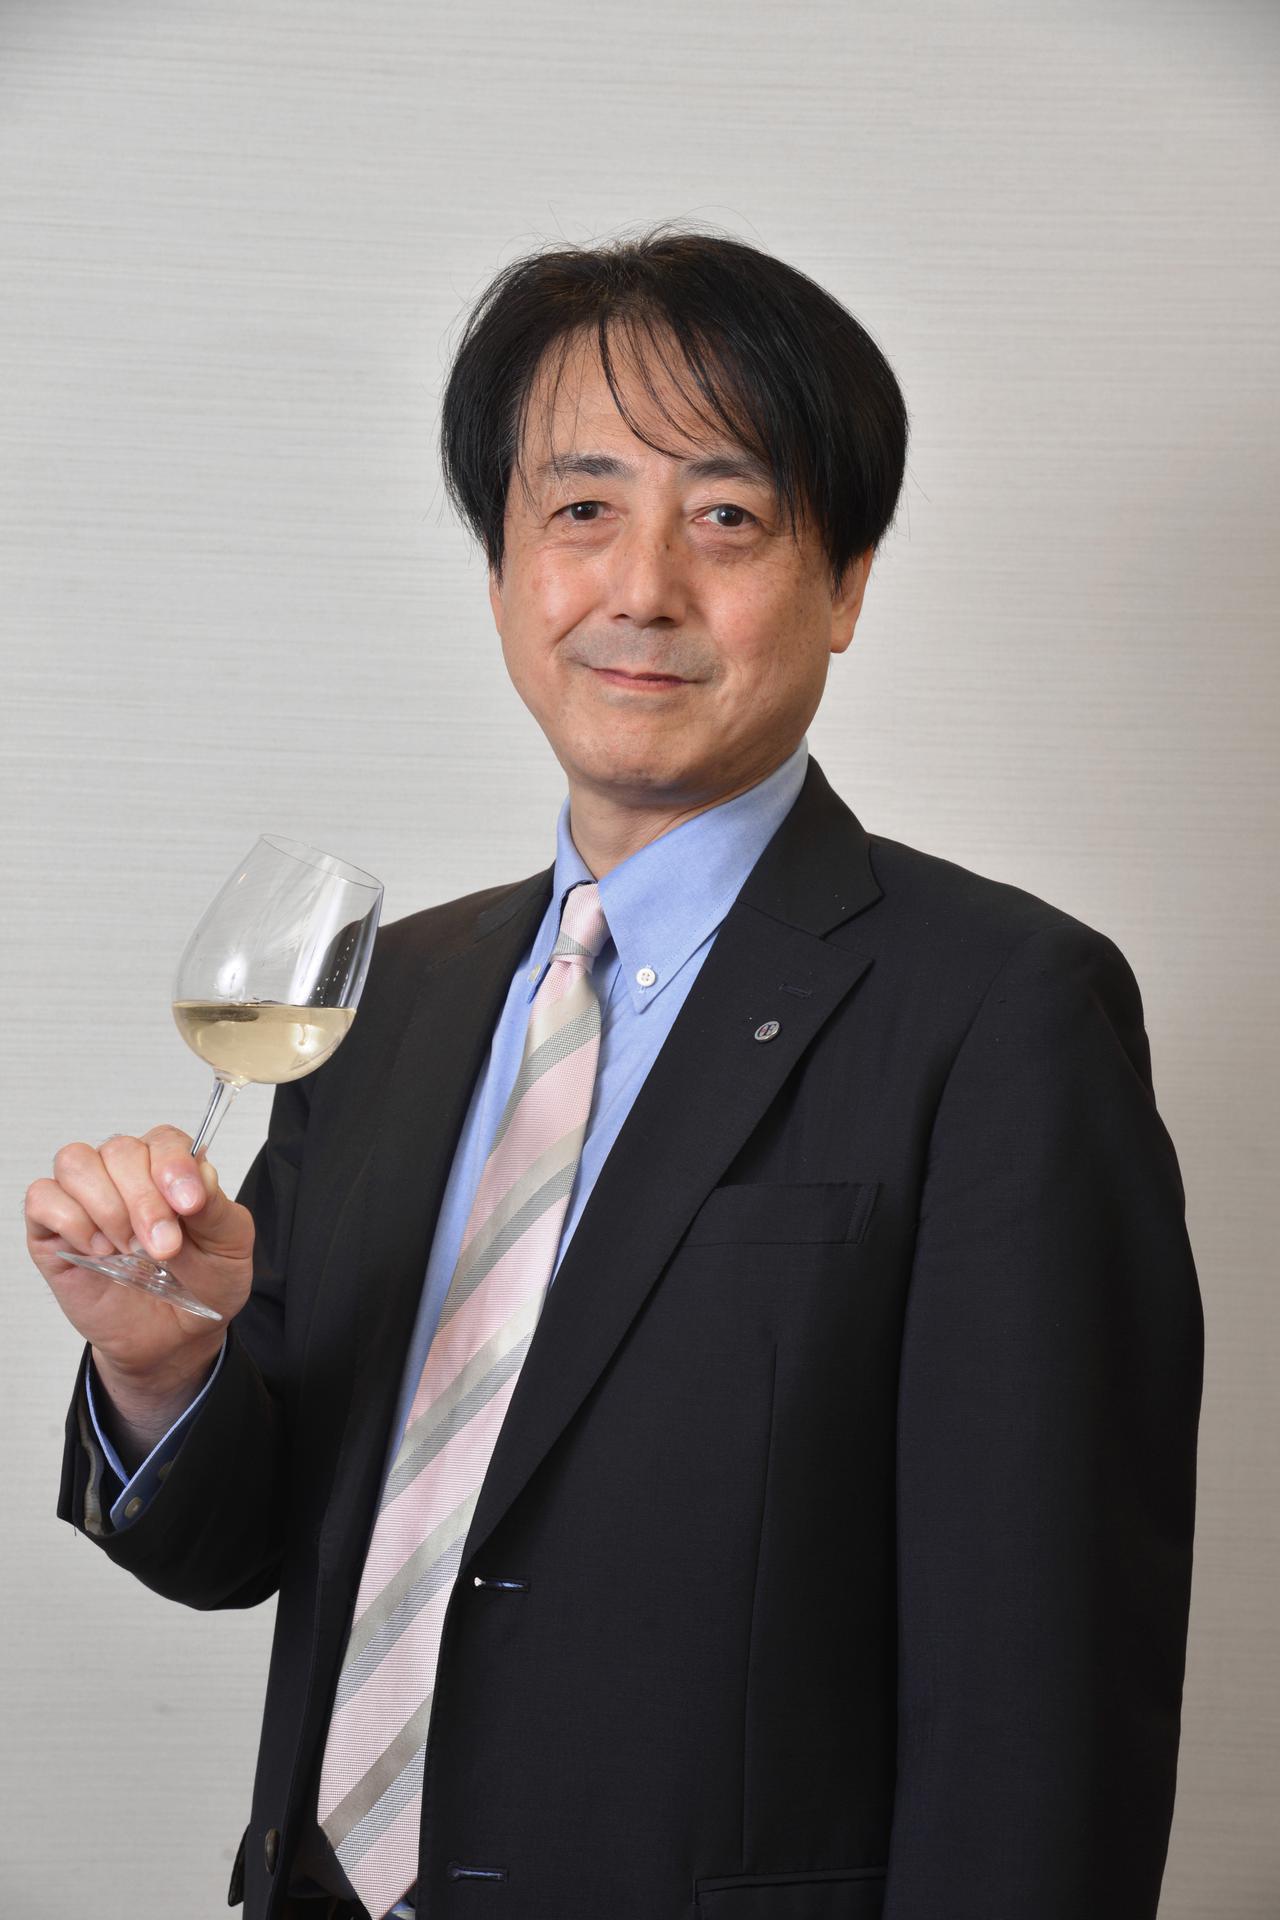 画像7: 【ワイン王国123号 特集】日本ワイン ブラインド・テイスティングで選んだ本当に美味しい63本